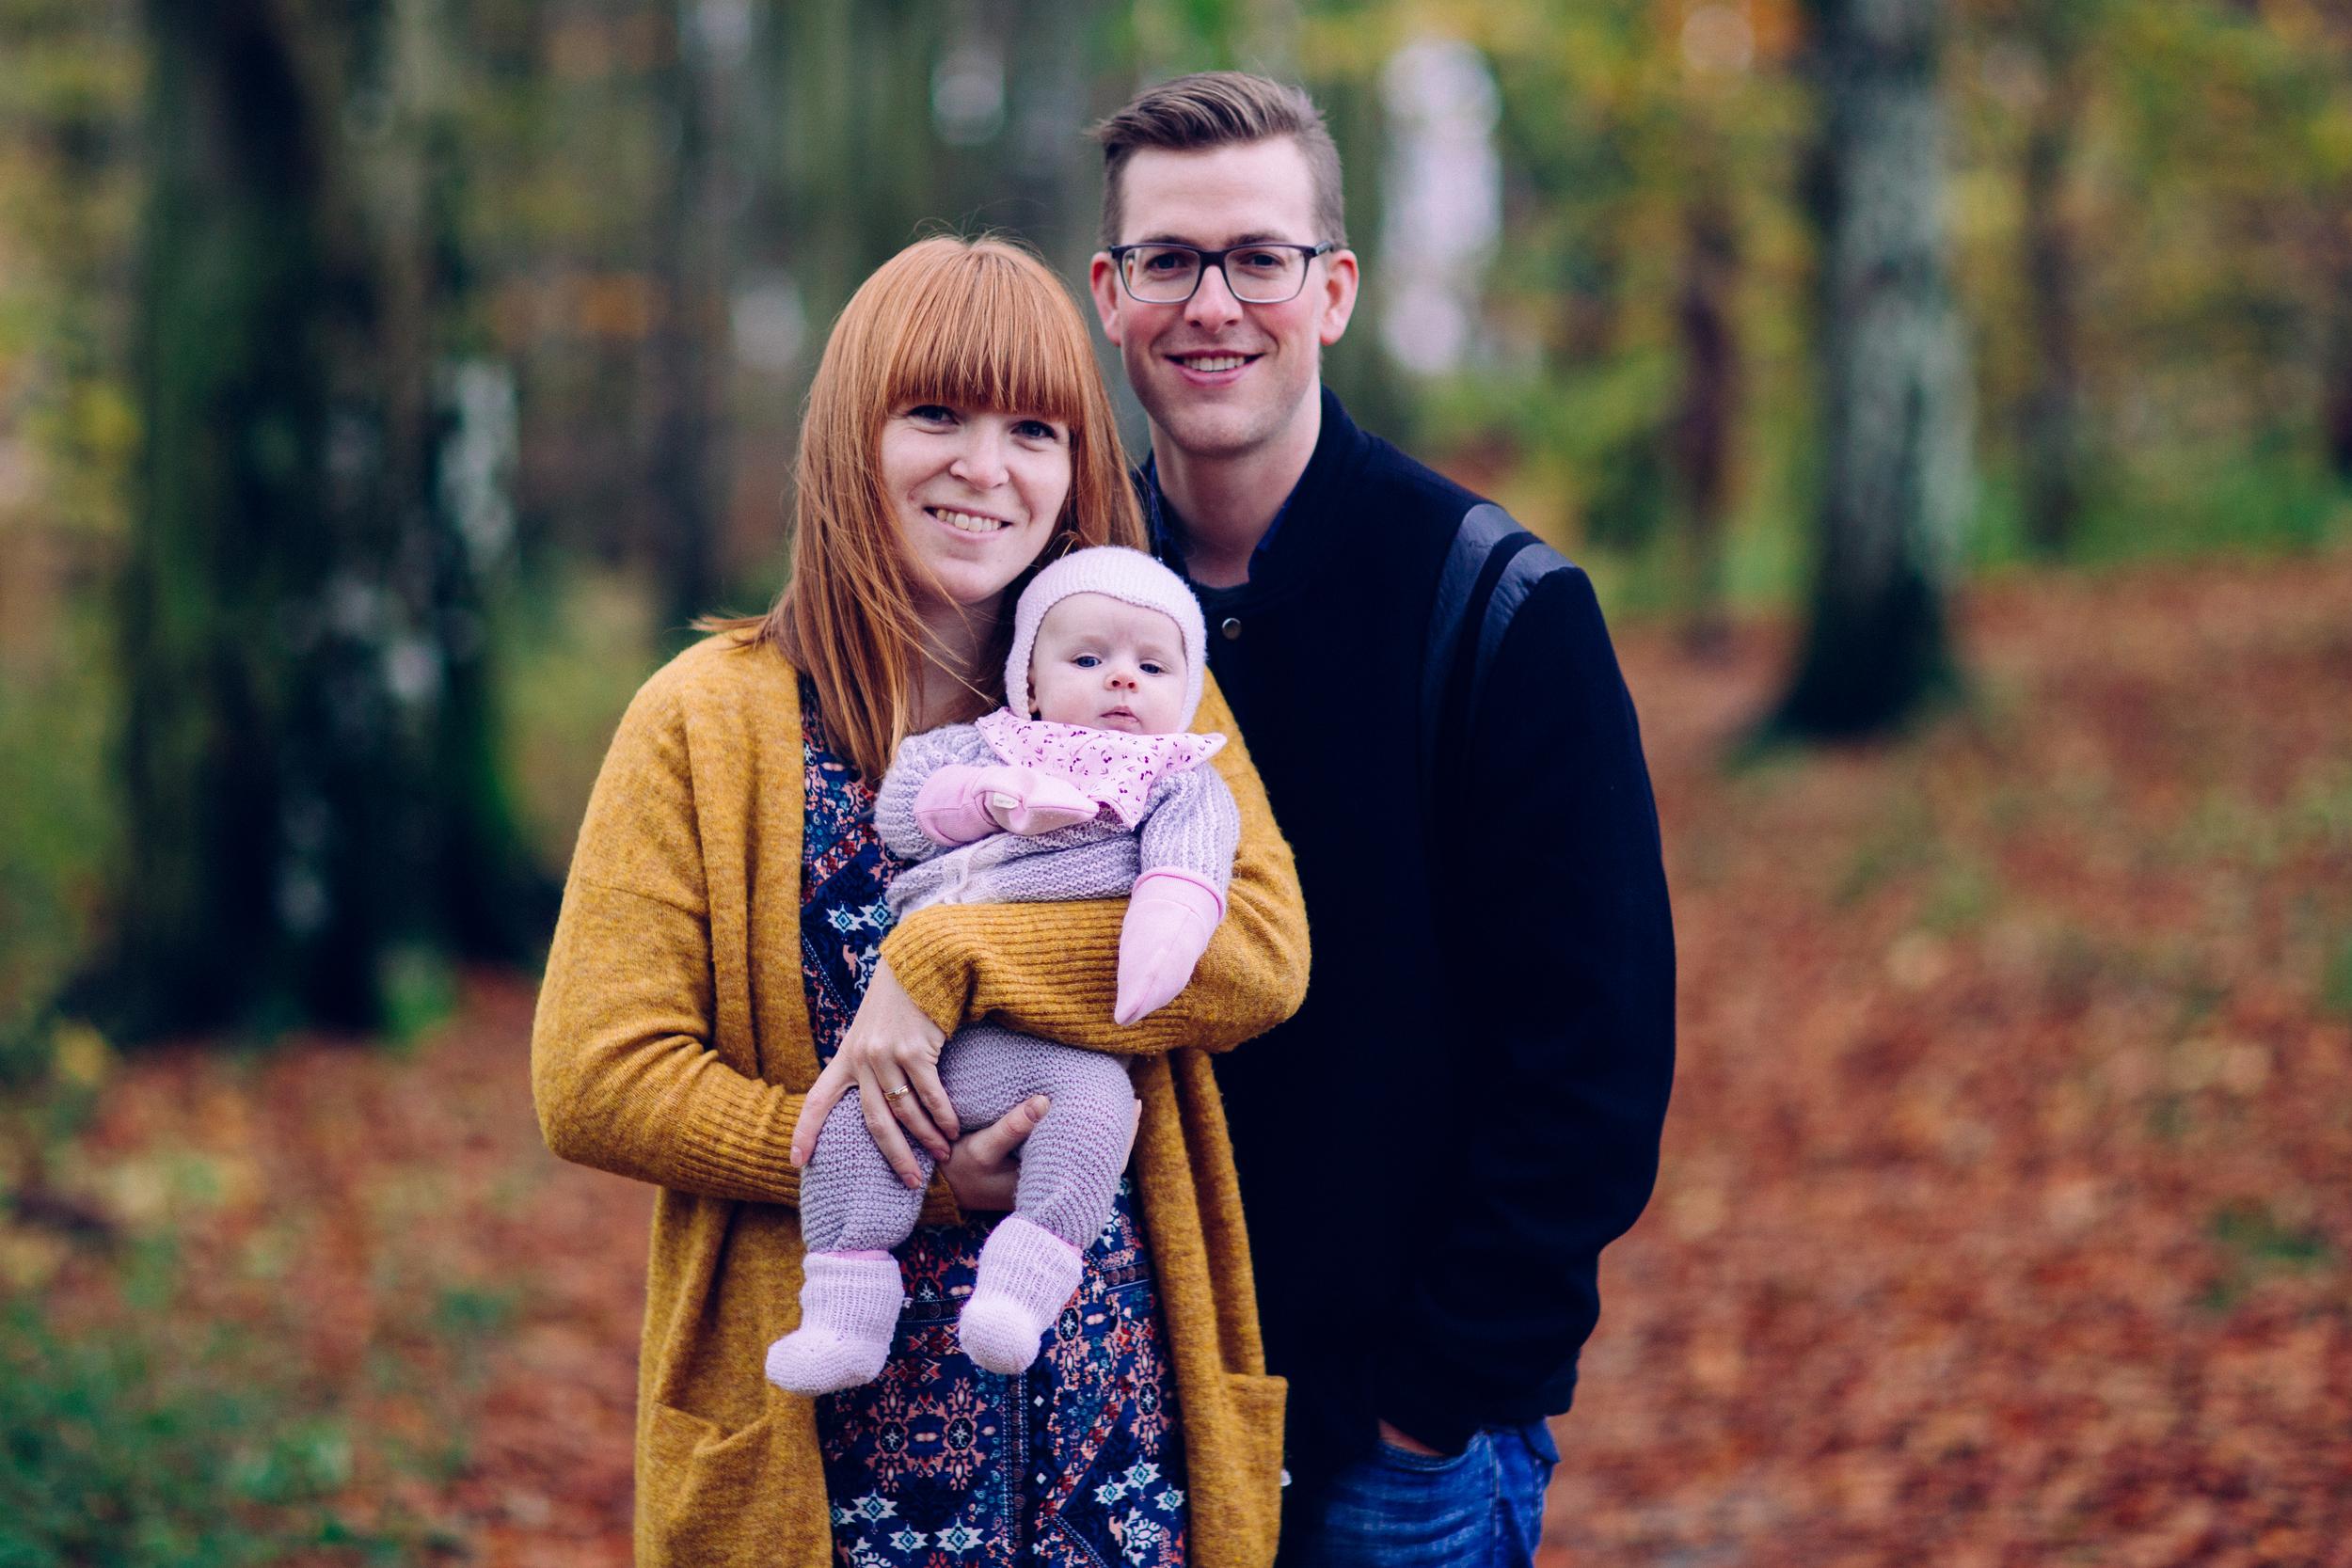 Fra en høstdag i 2015.Fotograf: Eivind Horne, med fjernkontroll i høyre hånd.